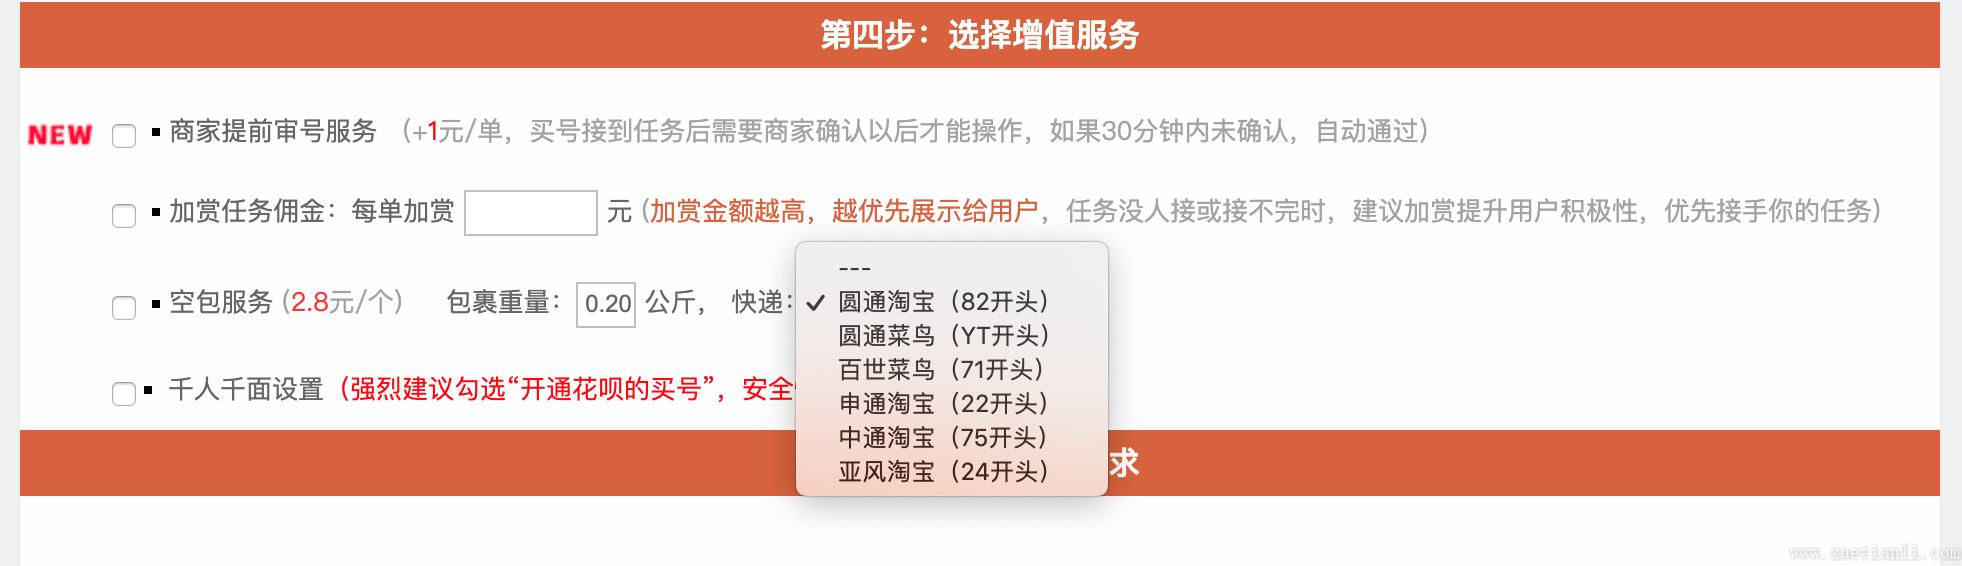 彩虹岛平台平台新增圆通菜鸟(YT开头),百世菜鸟物流(71开头),更官方更稳定更安全!目前申通,中通正在系统升级中,暂时不可用,稍后重试!